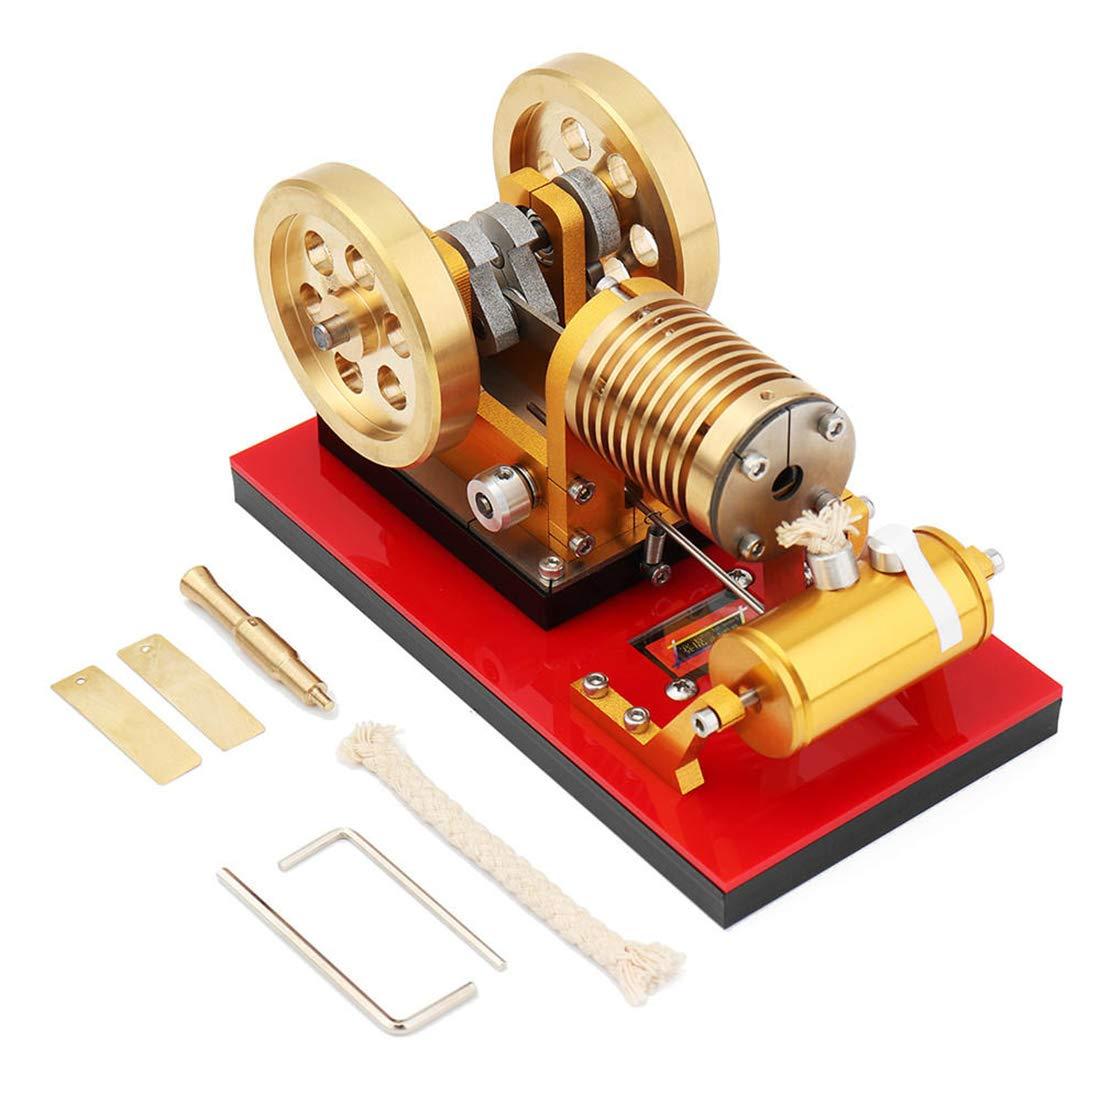 MRKE Motor Stirling Generador Cilindro de Aire de Cobre DIY Stem Air Steam Stirling Engine Model Kit Física Ciencia Experimentar Enseñanza Juguete y Regalo: ...